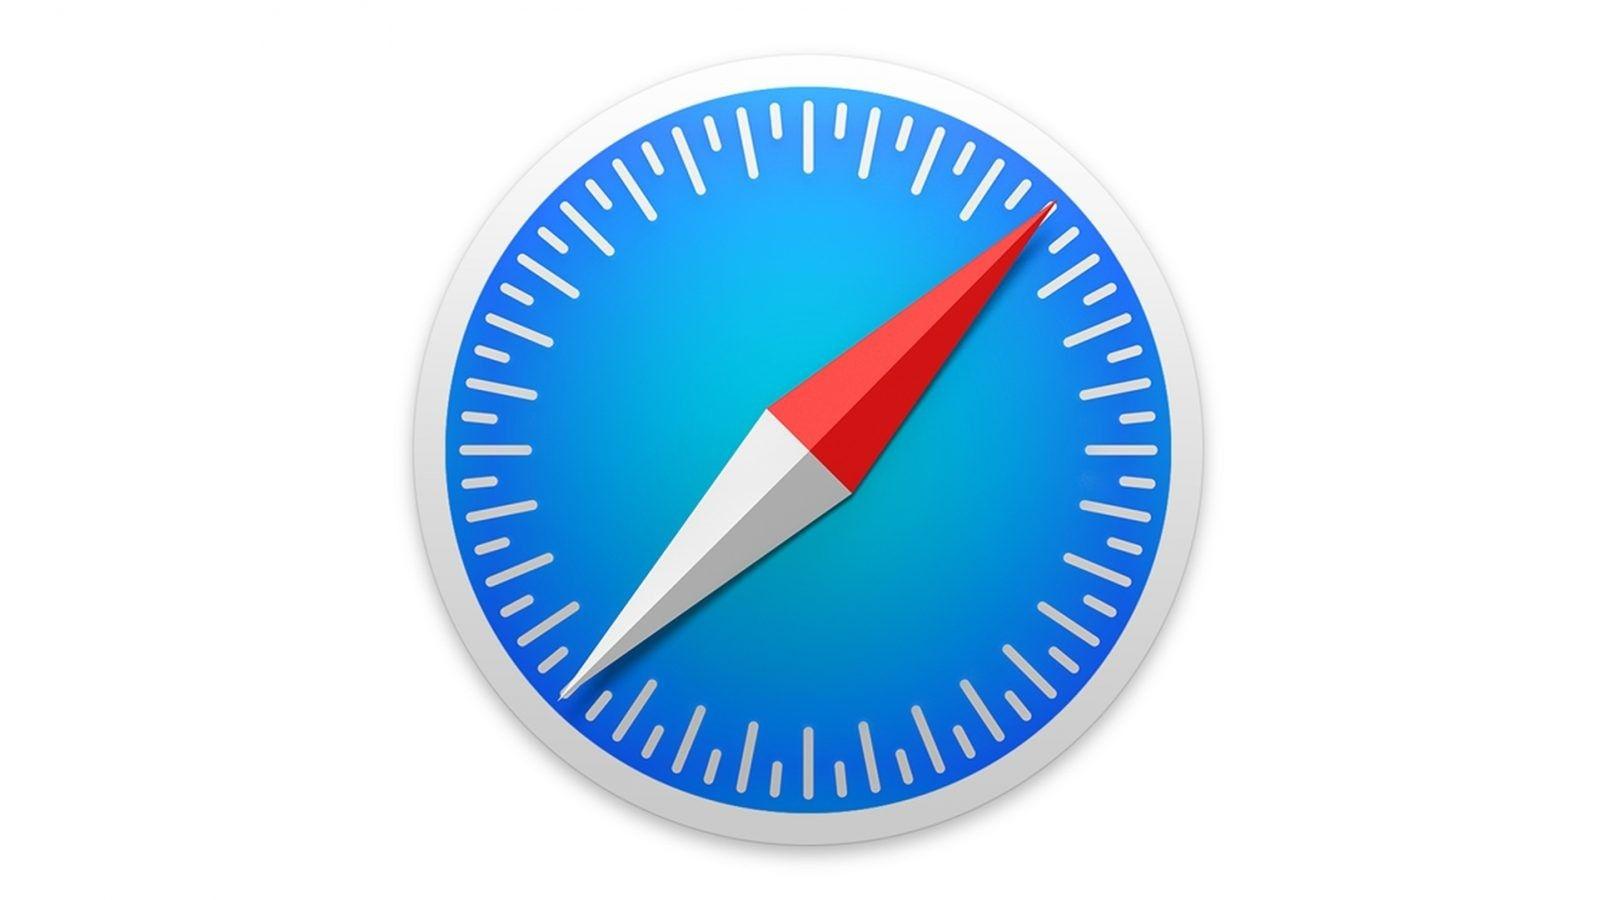 Jak przełączyć się na pełną witrynę internetową w Safari na iOS?